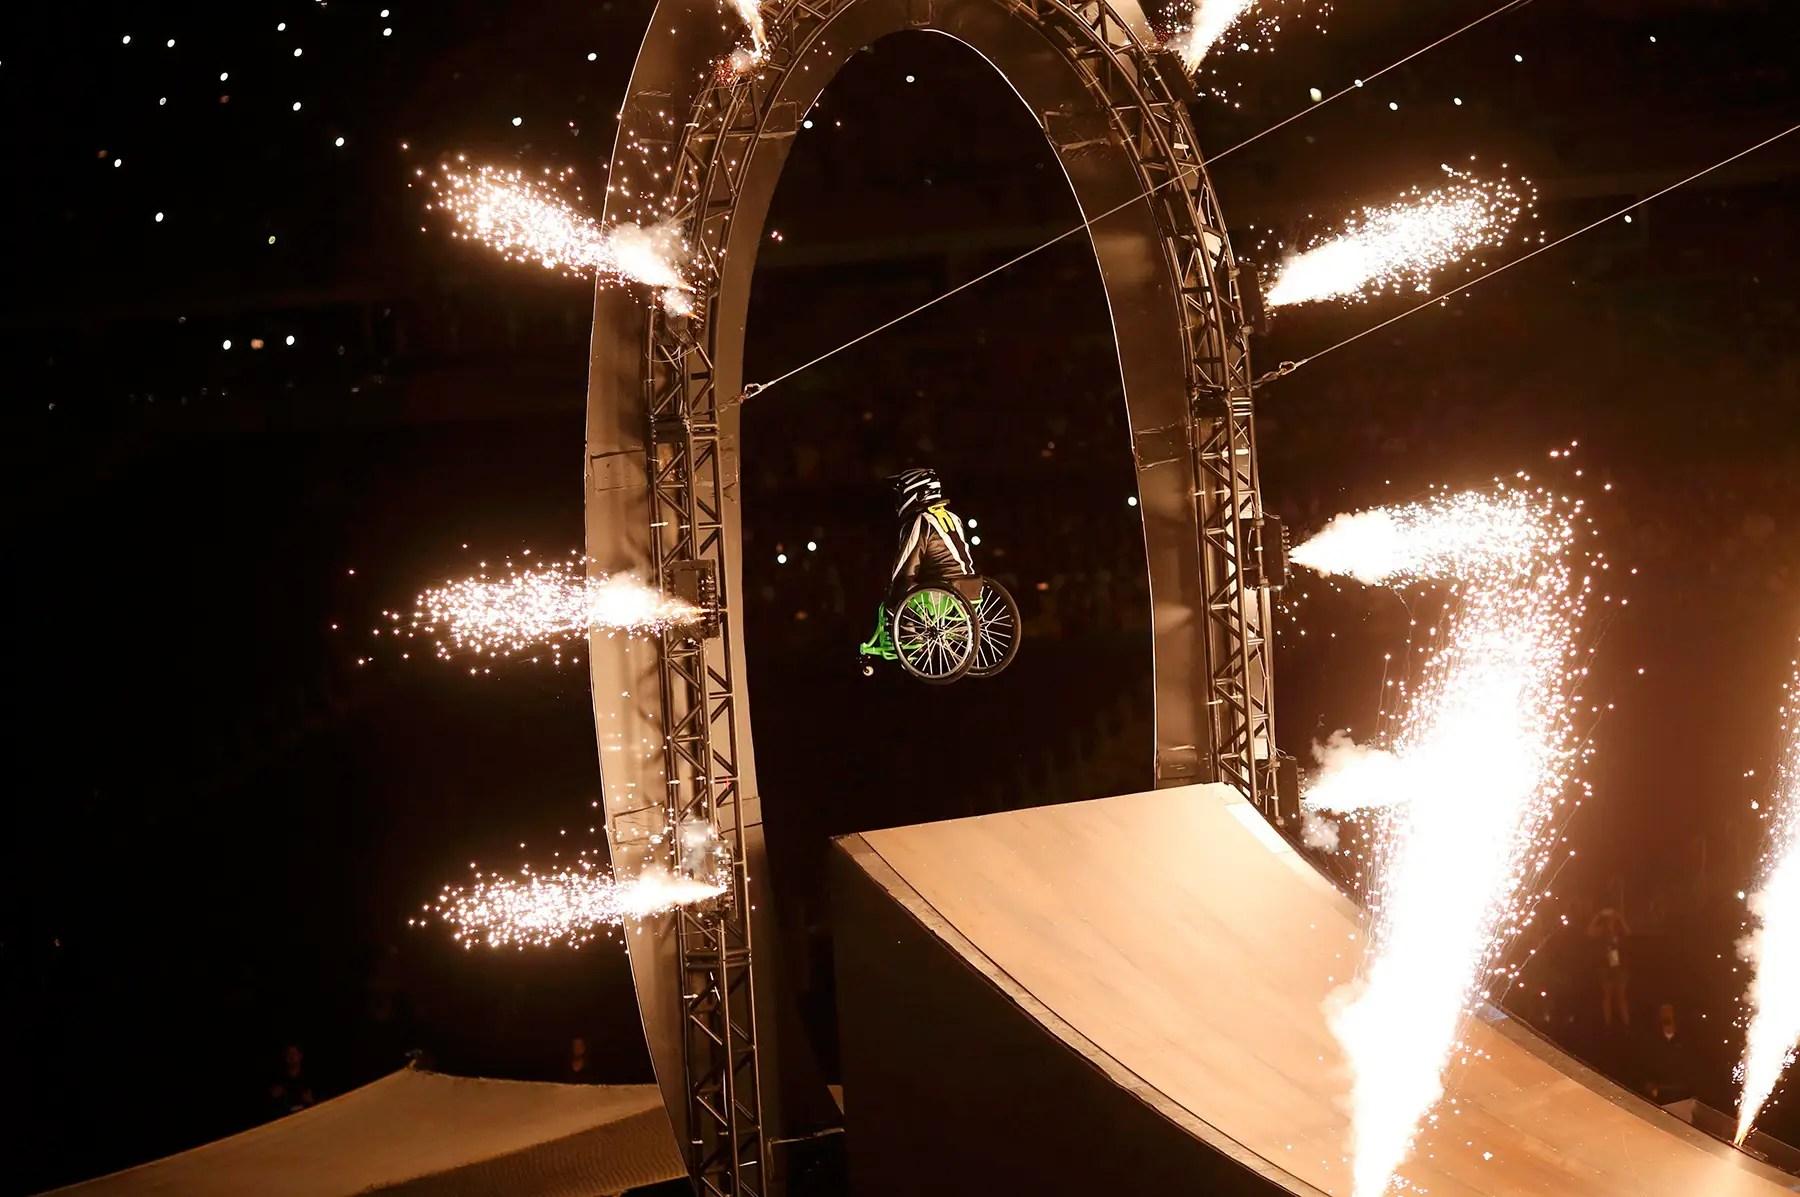 Un intérprete en una silla de ruedas se disparó una rampa durante la ceremonia de apertura.